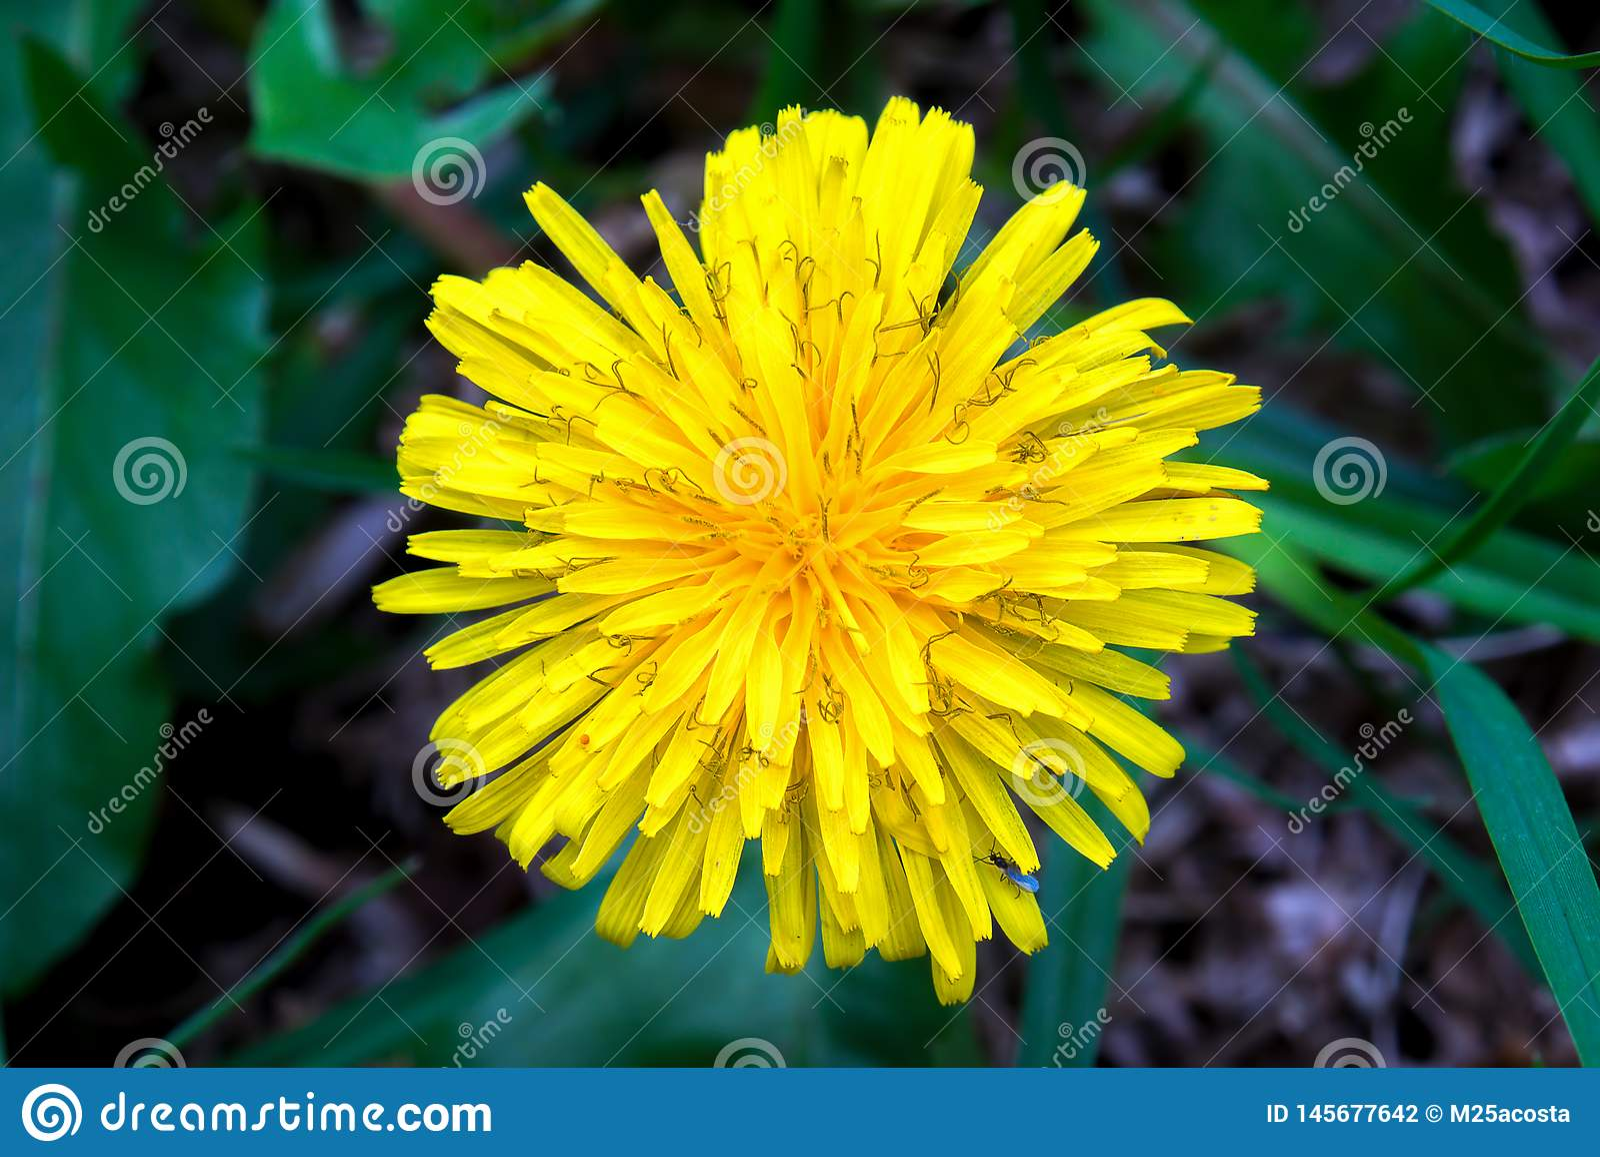 Flor del diente de león del top